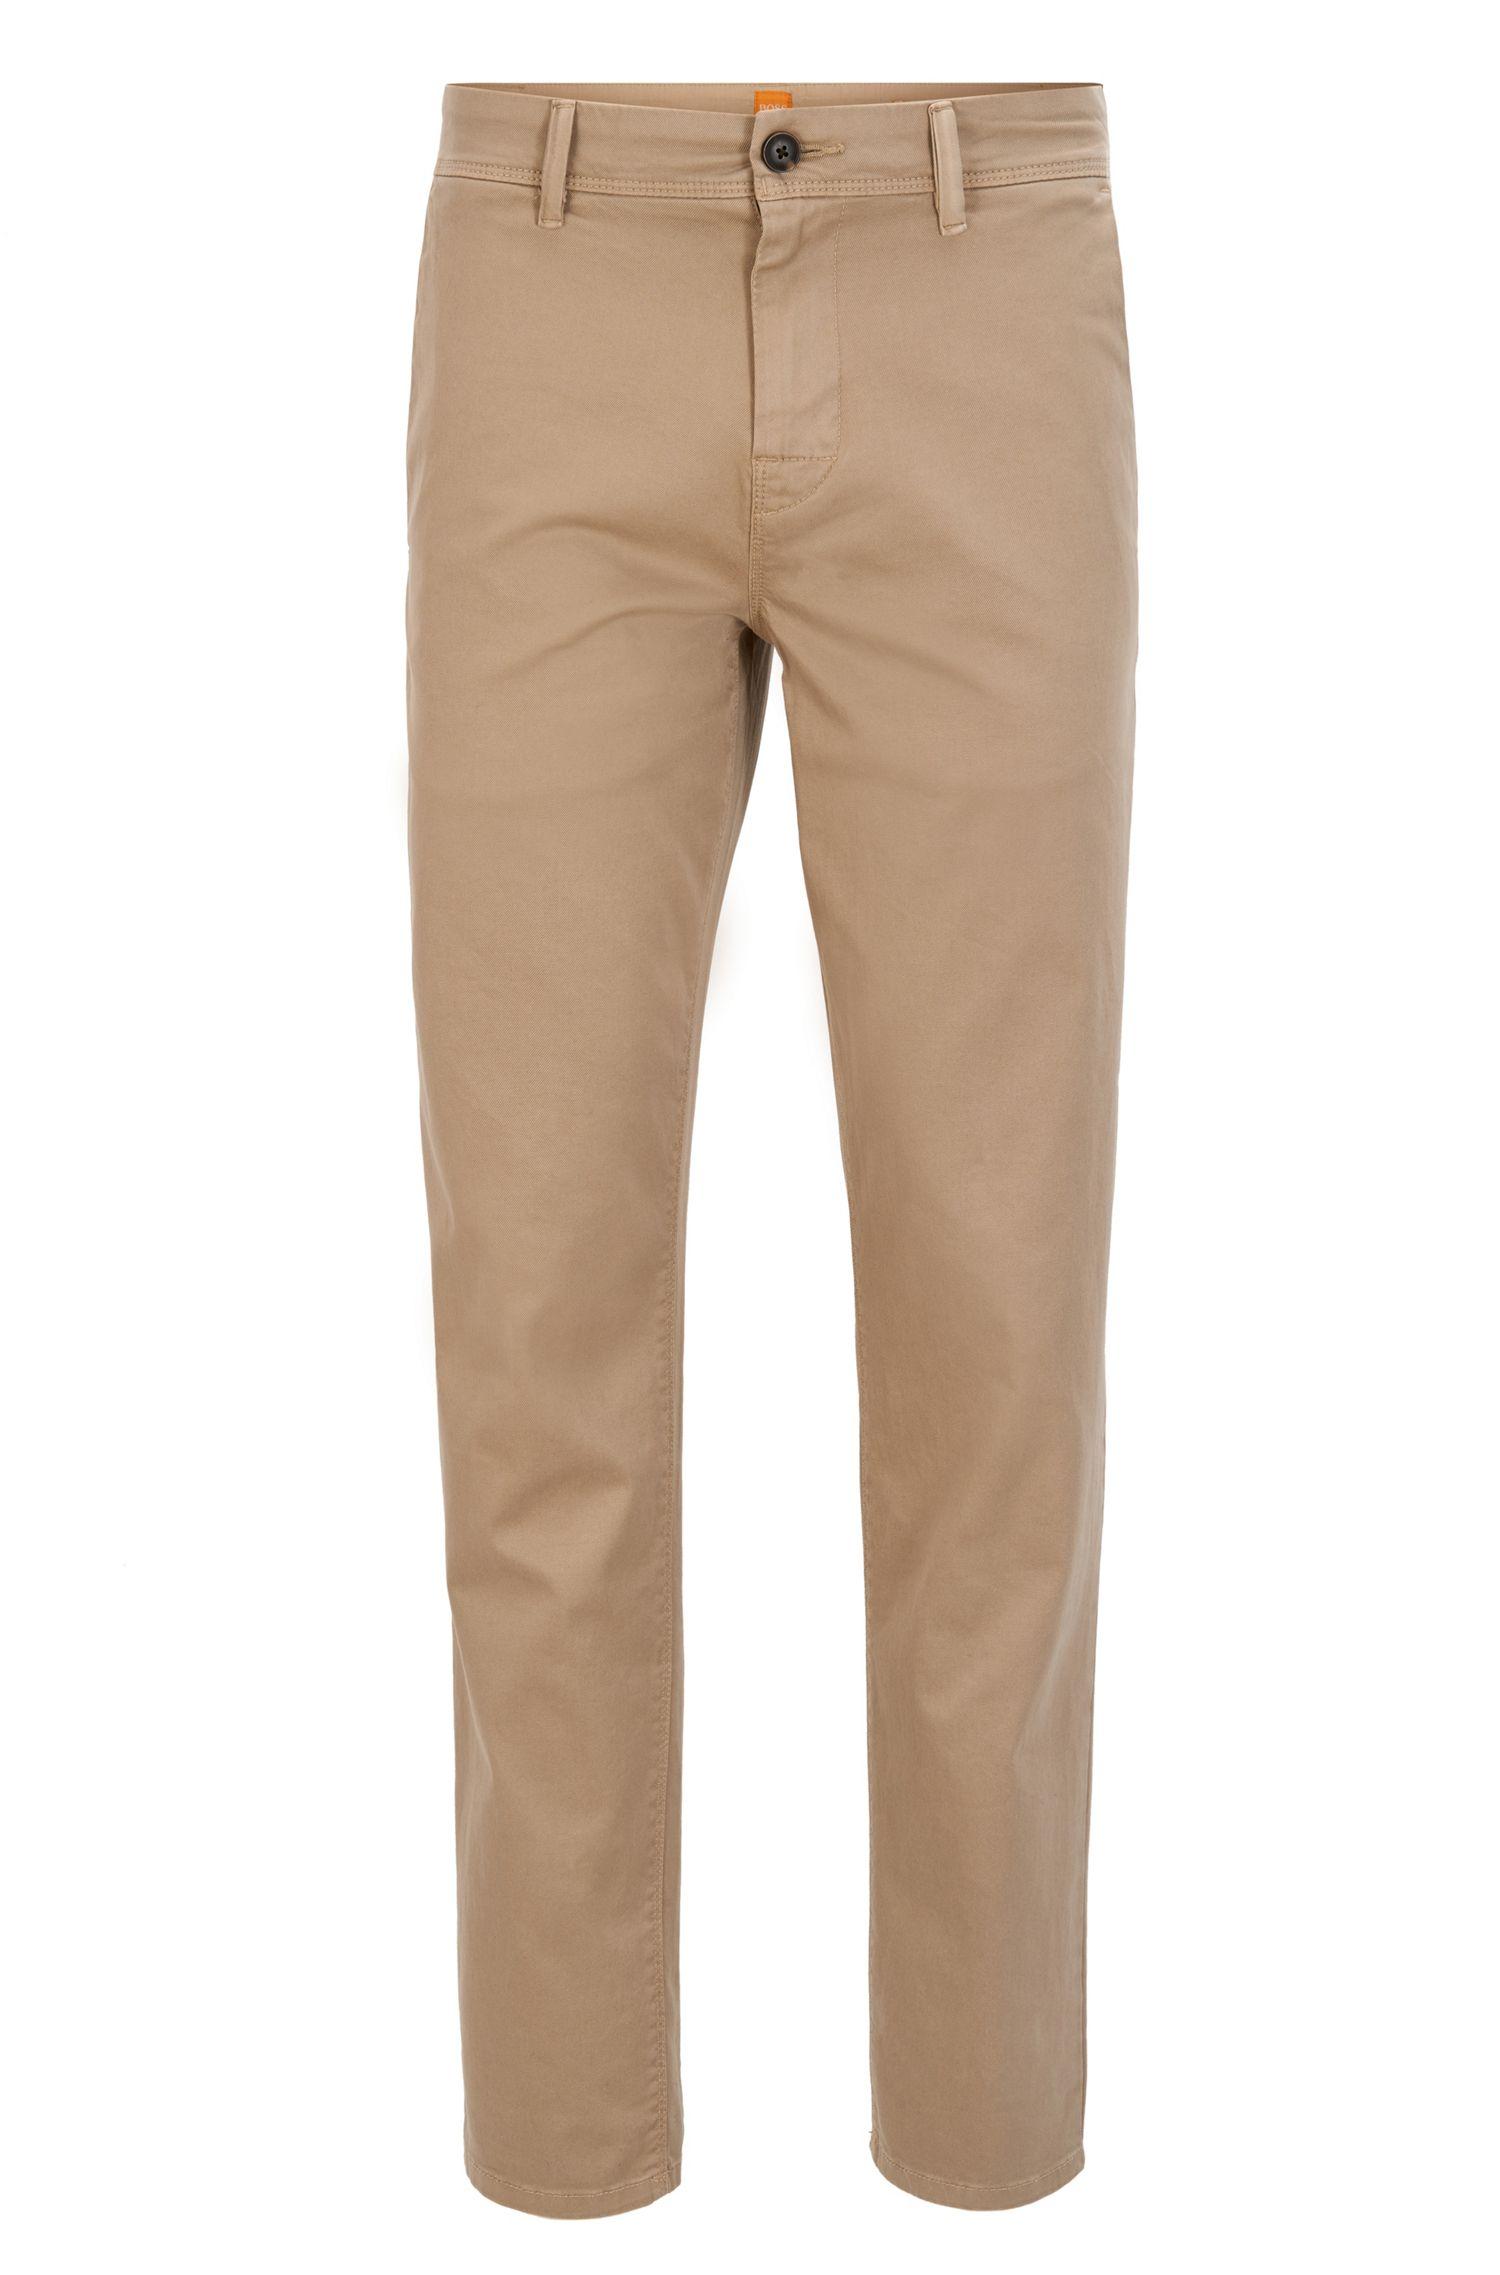 Pantaloni tapered fit in cotone elasticizzato